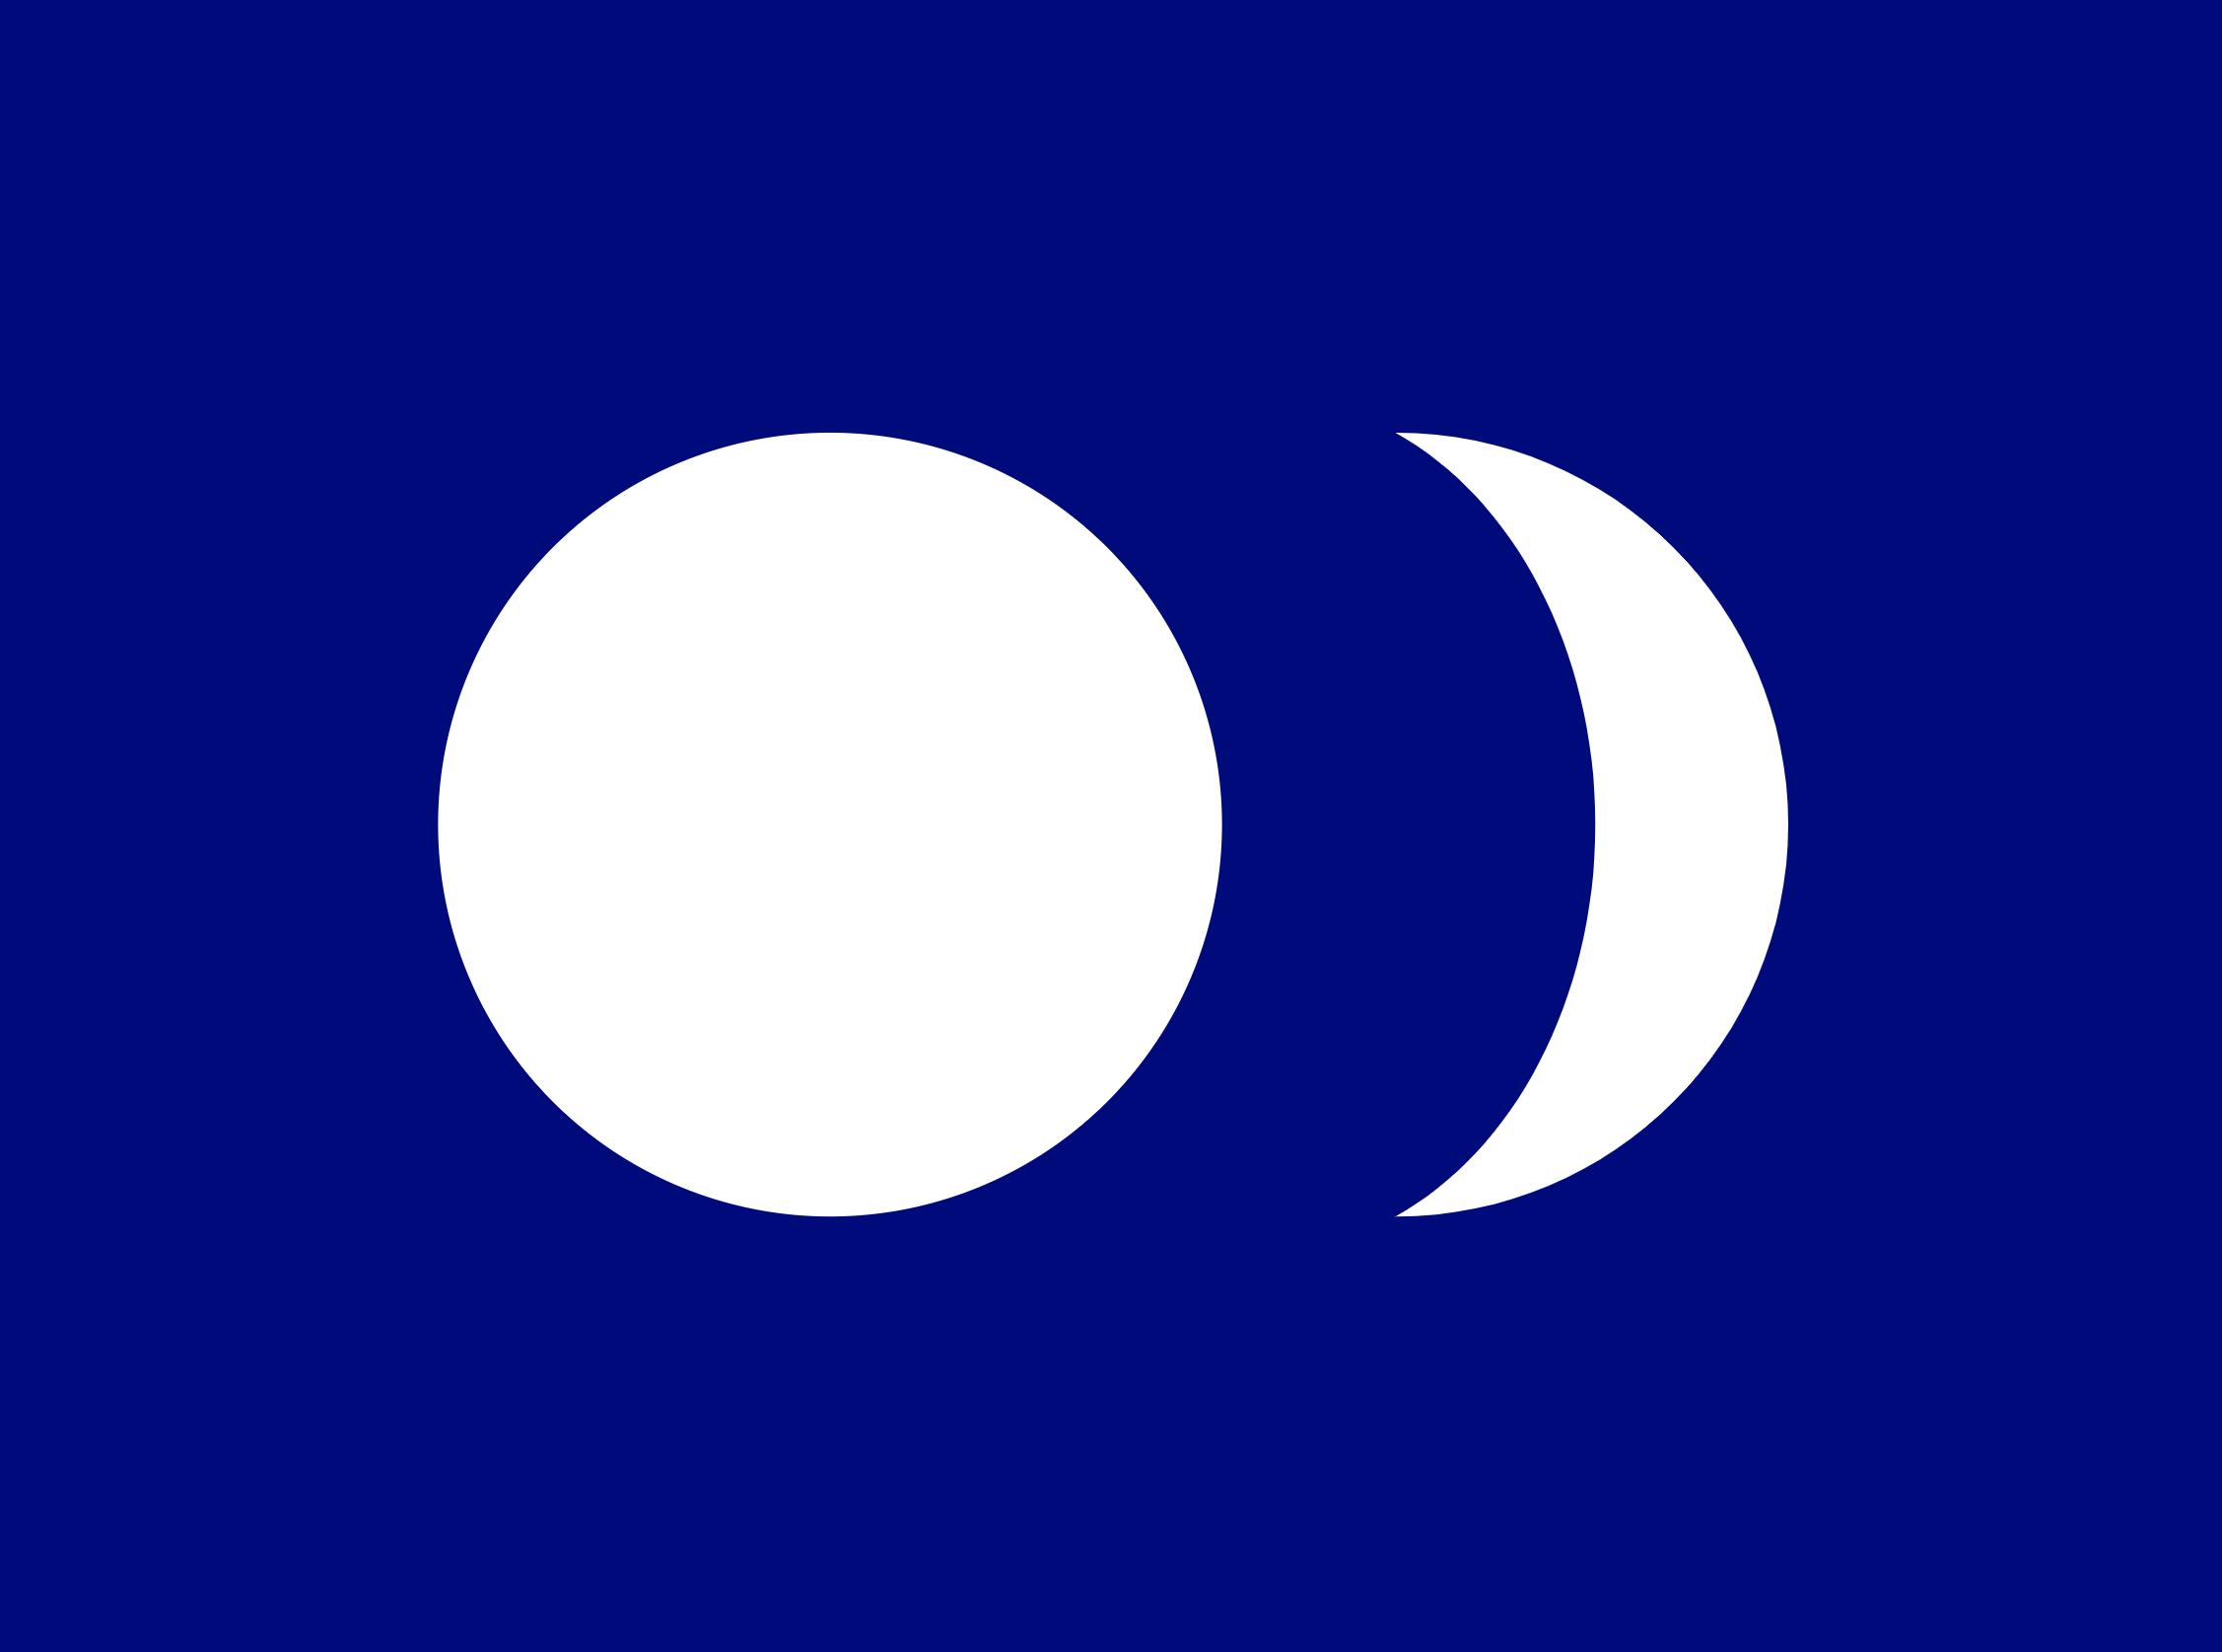 """""""台湾共和国""""廖文毅设计的""""蓝地、白色日月""""国旗"""